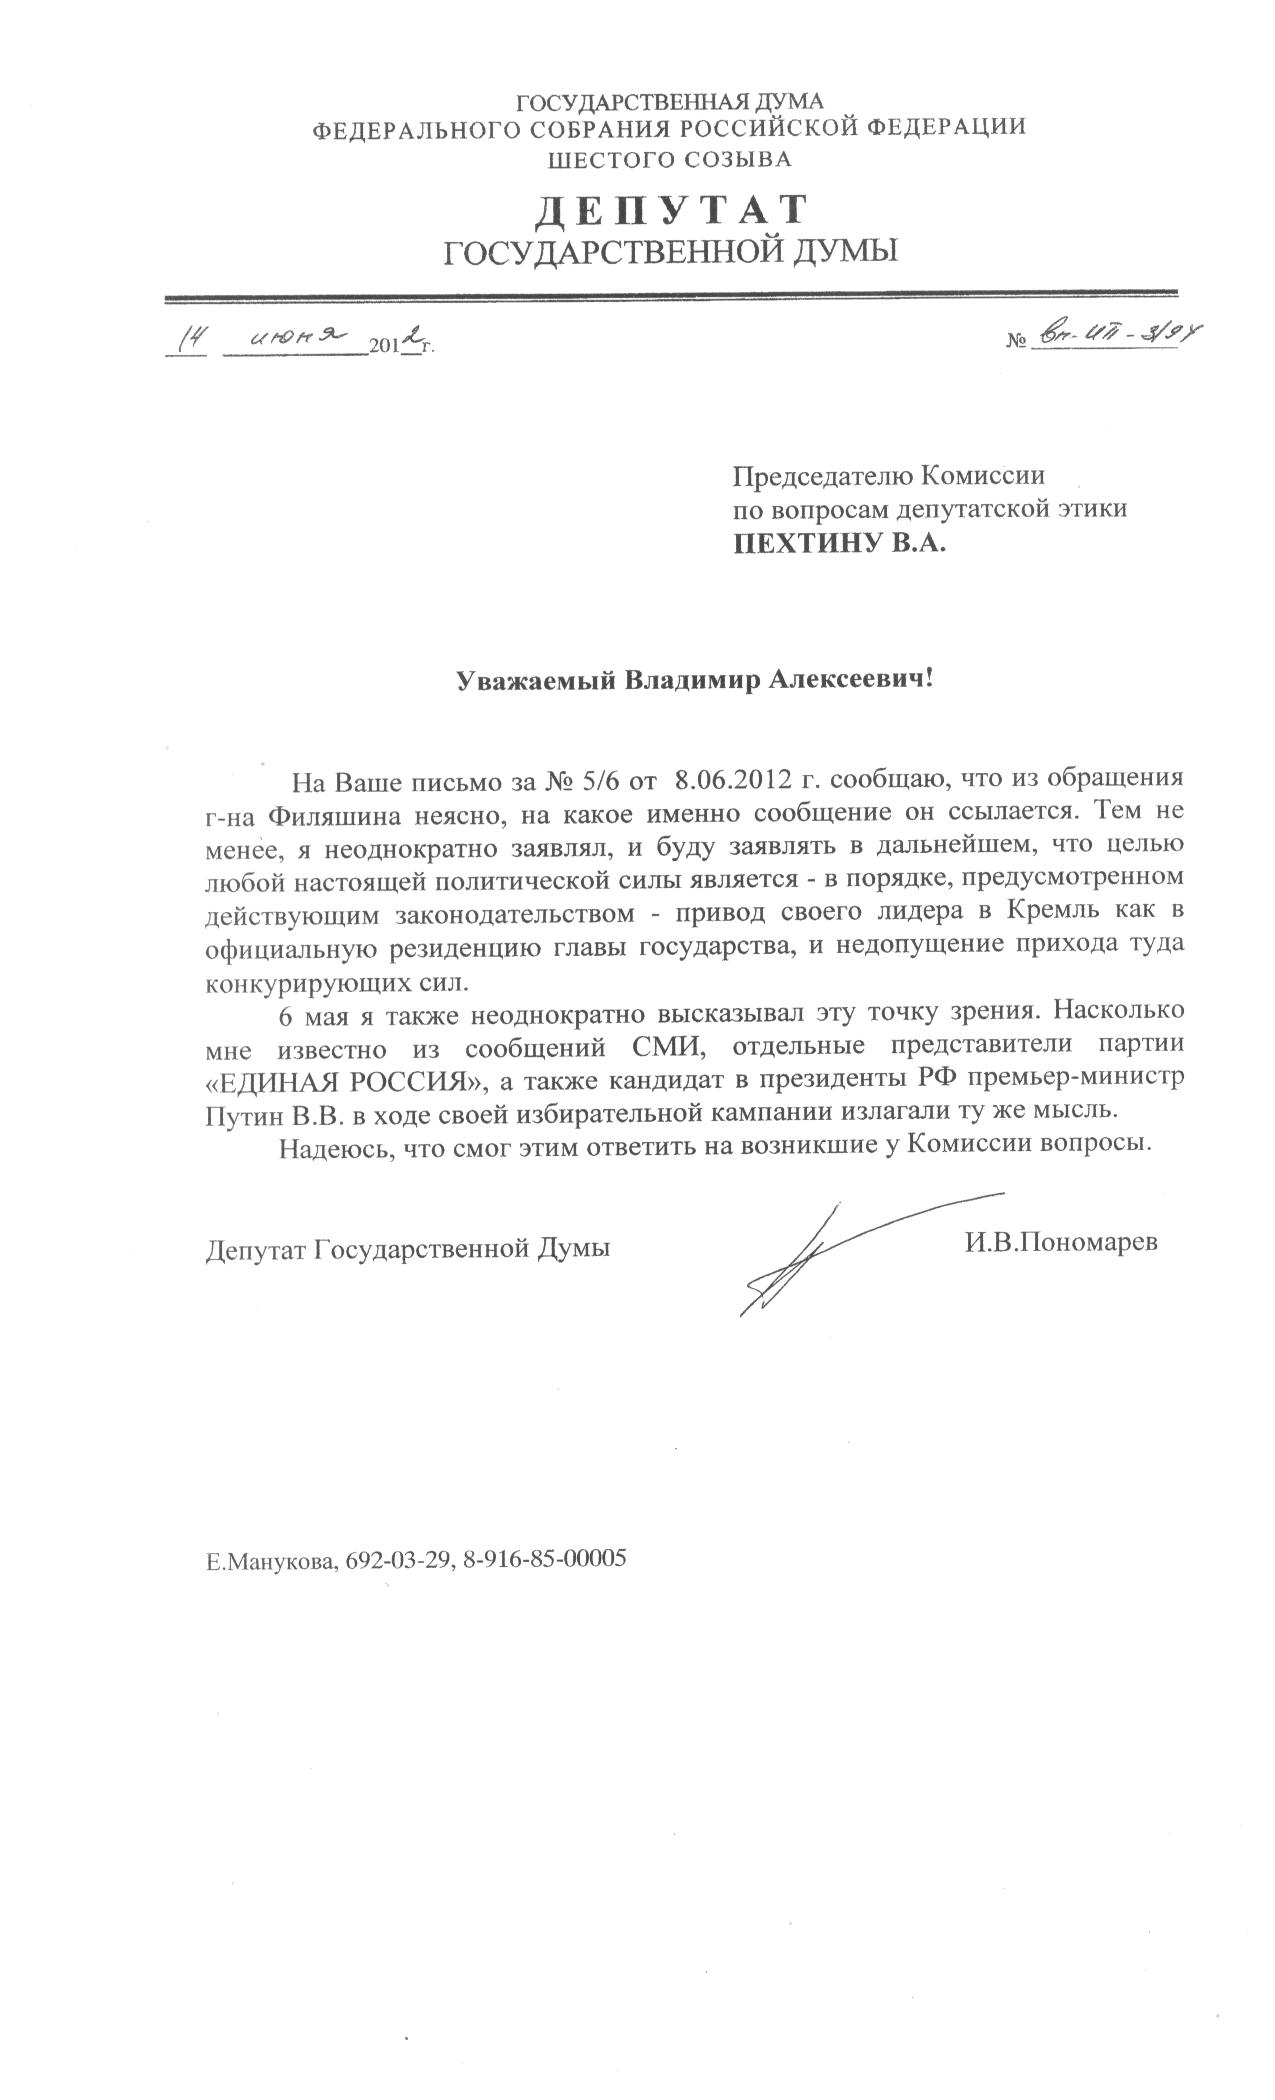 Ответ в комиссию по этике о Филяшине